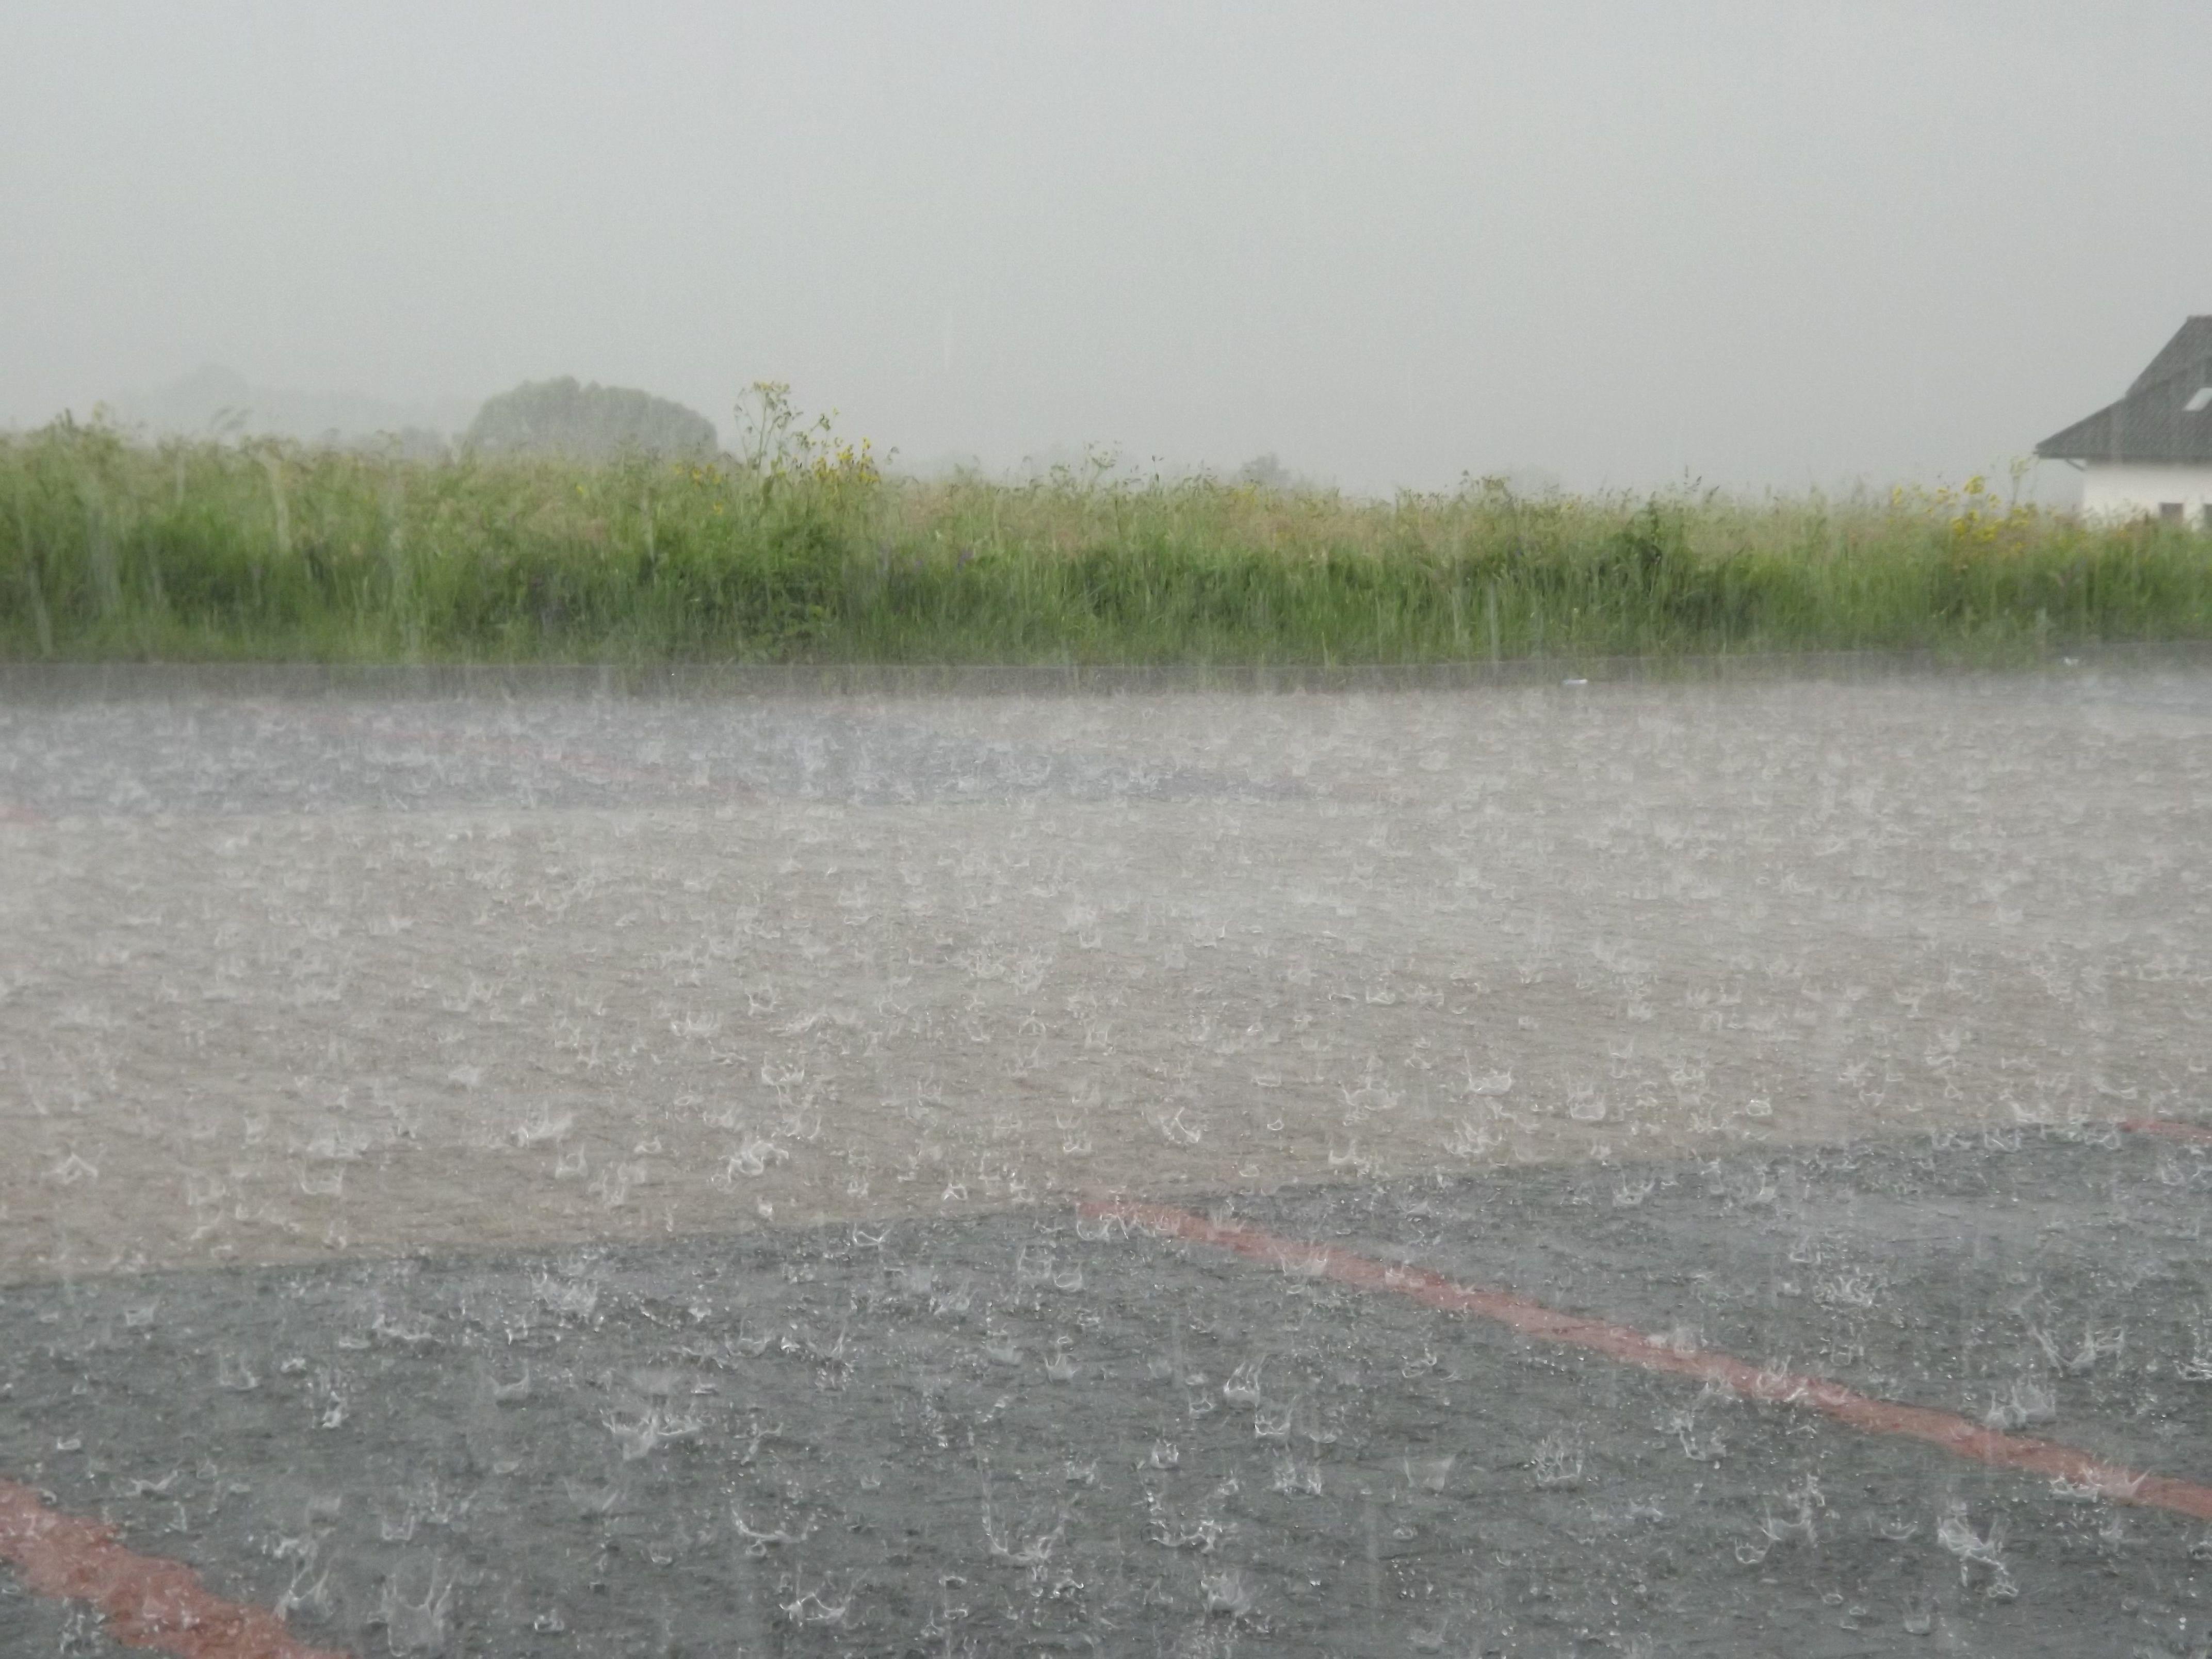 Synoptycy wydali ostrzeżenie: intensywne opady deszczu